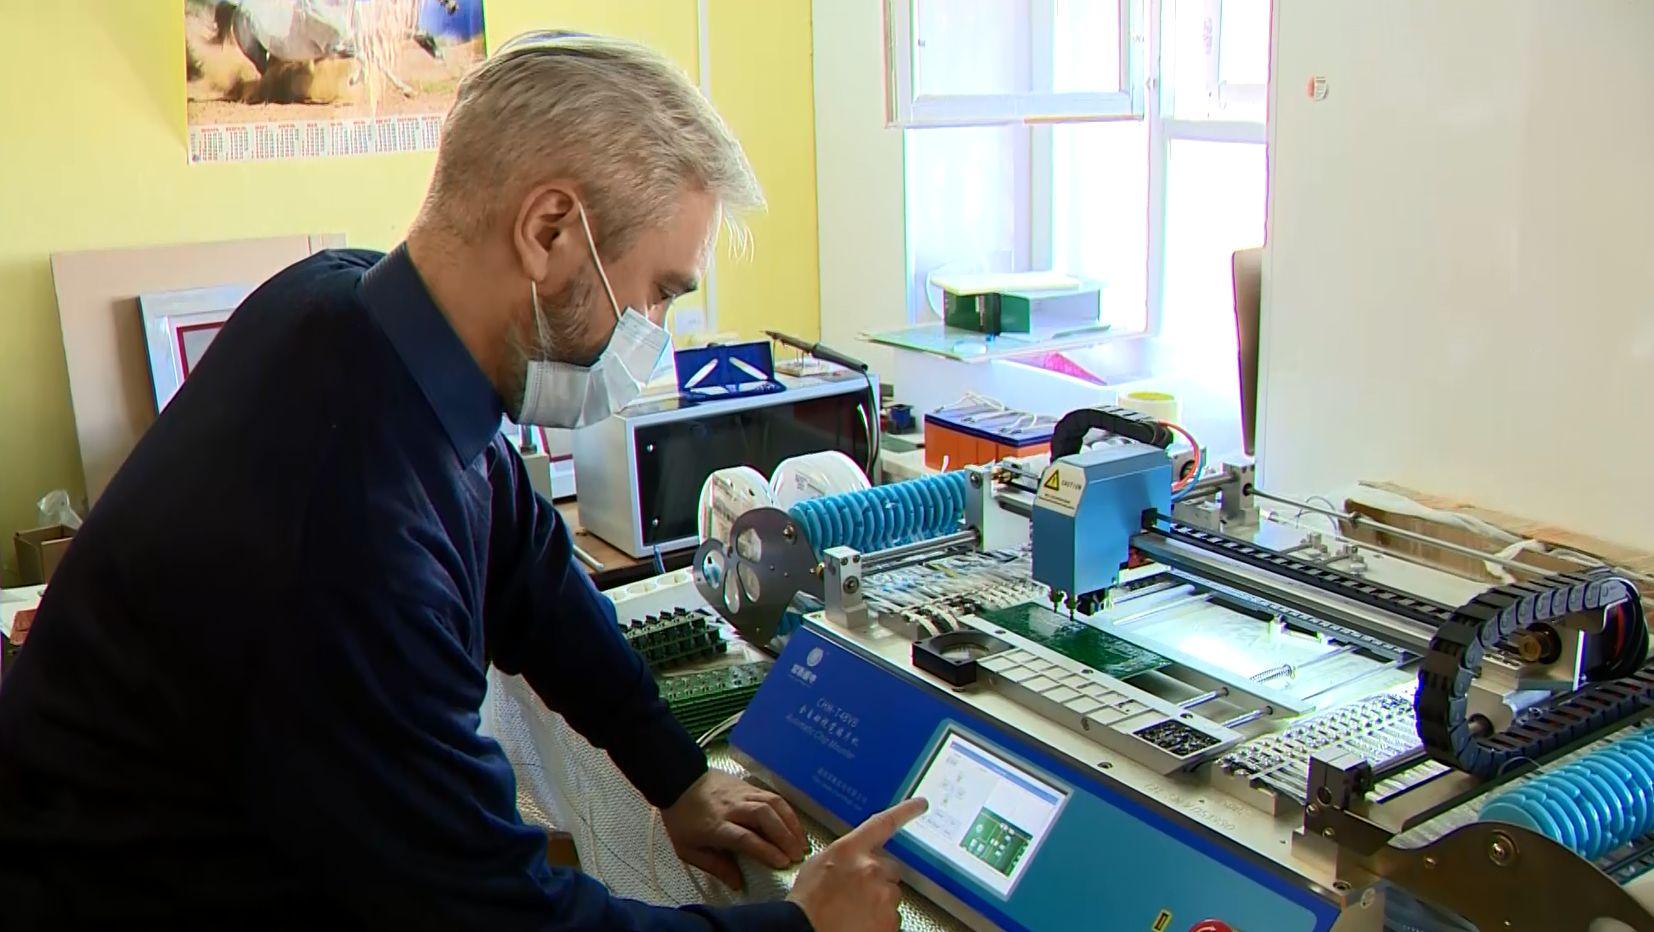 В Ярославской области увеличивают объемы производства оборудования для очистки и обеззараживания воздуха, воды, бытовых предметов